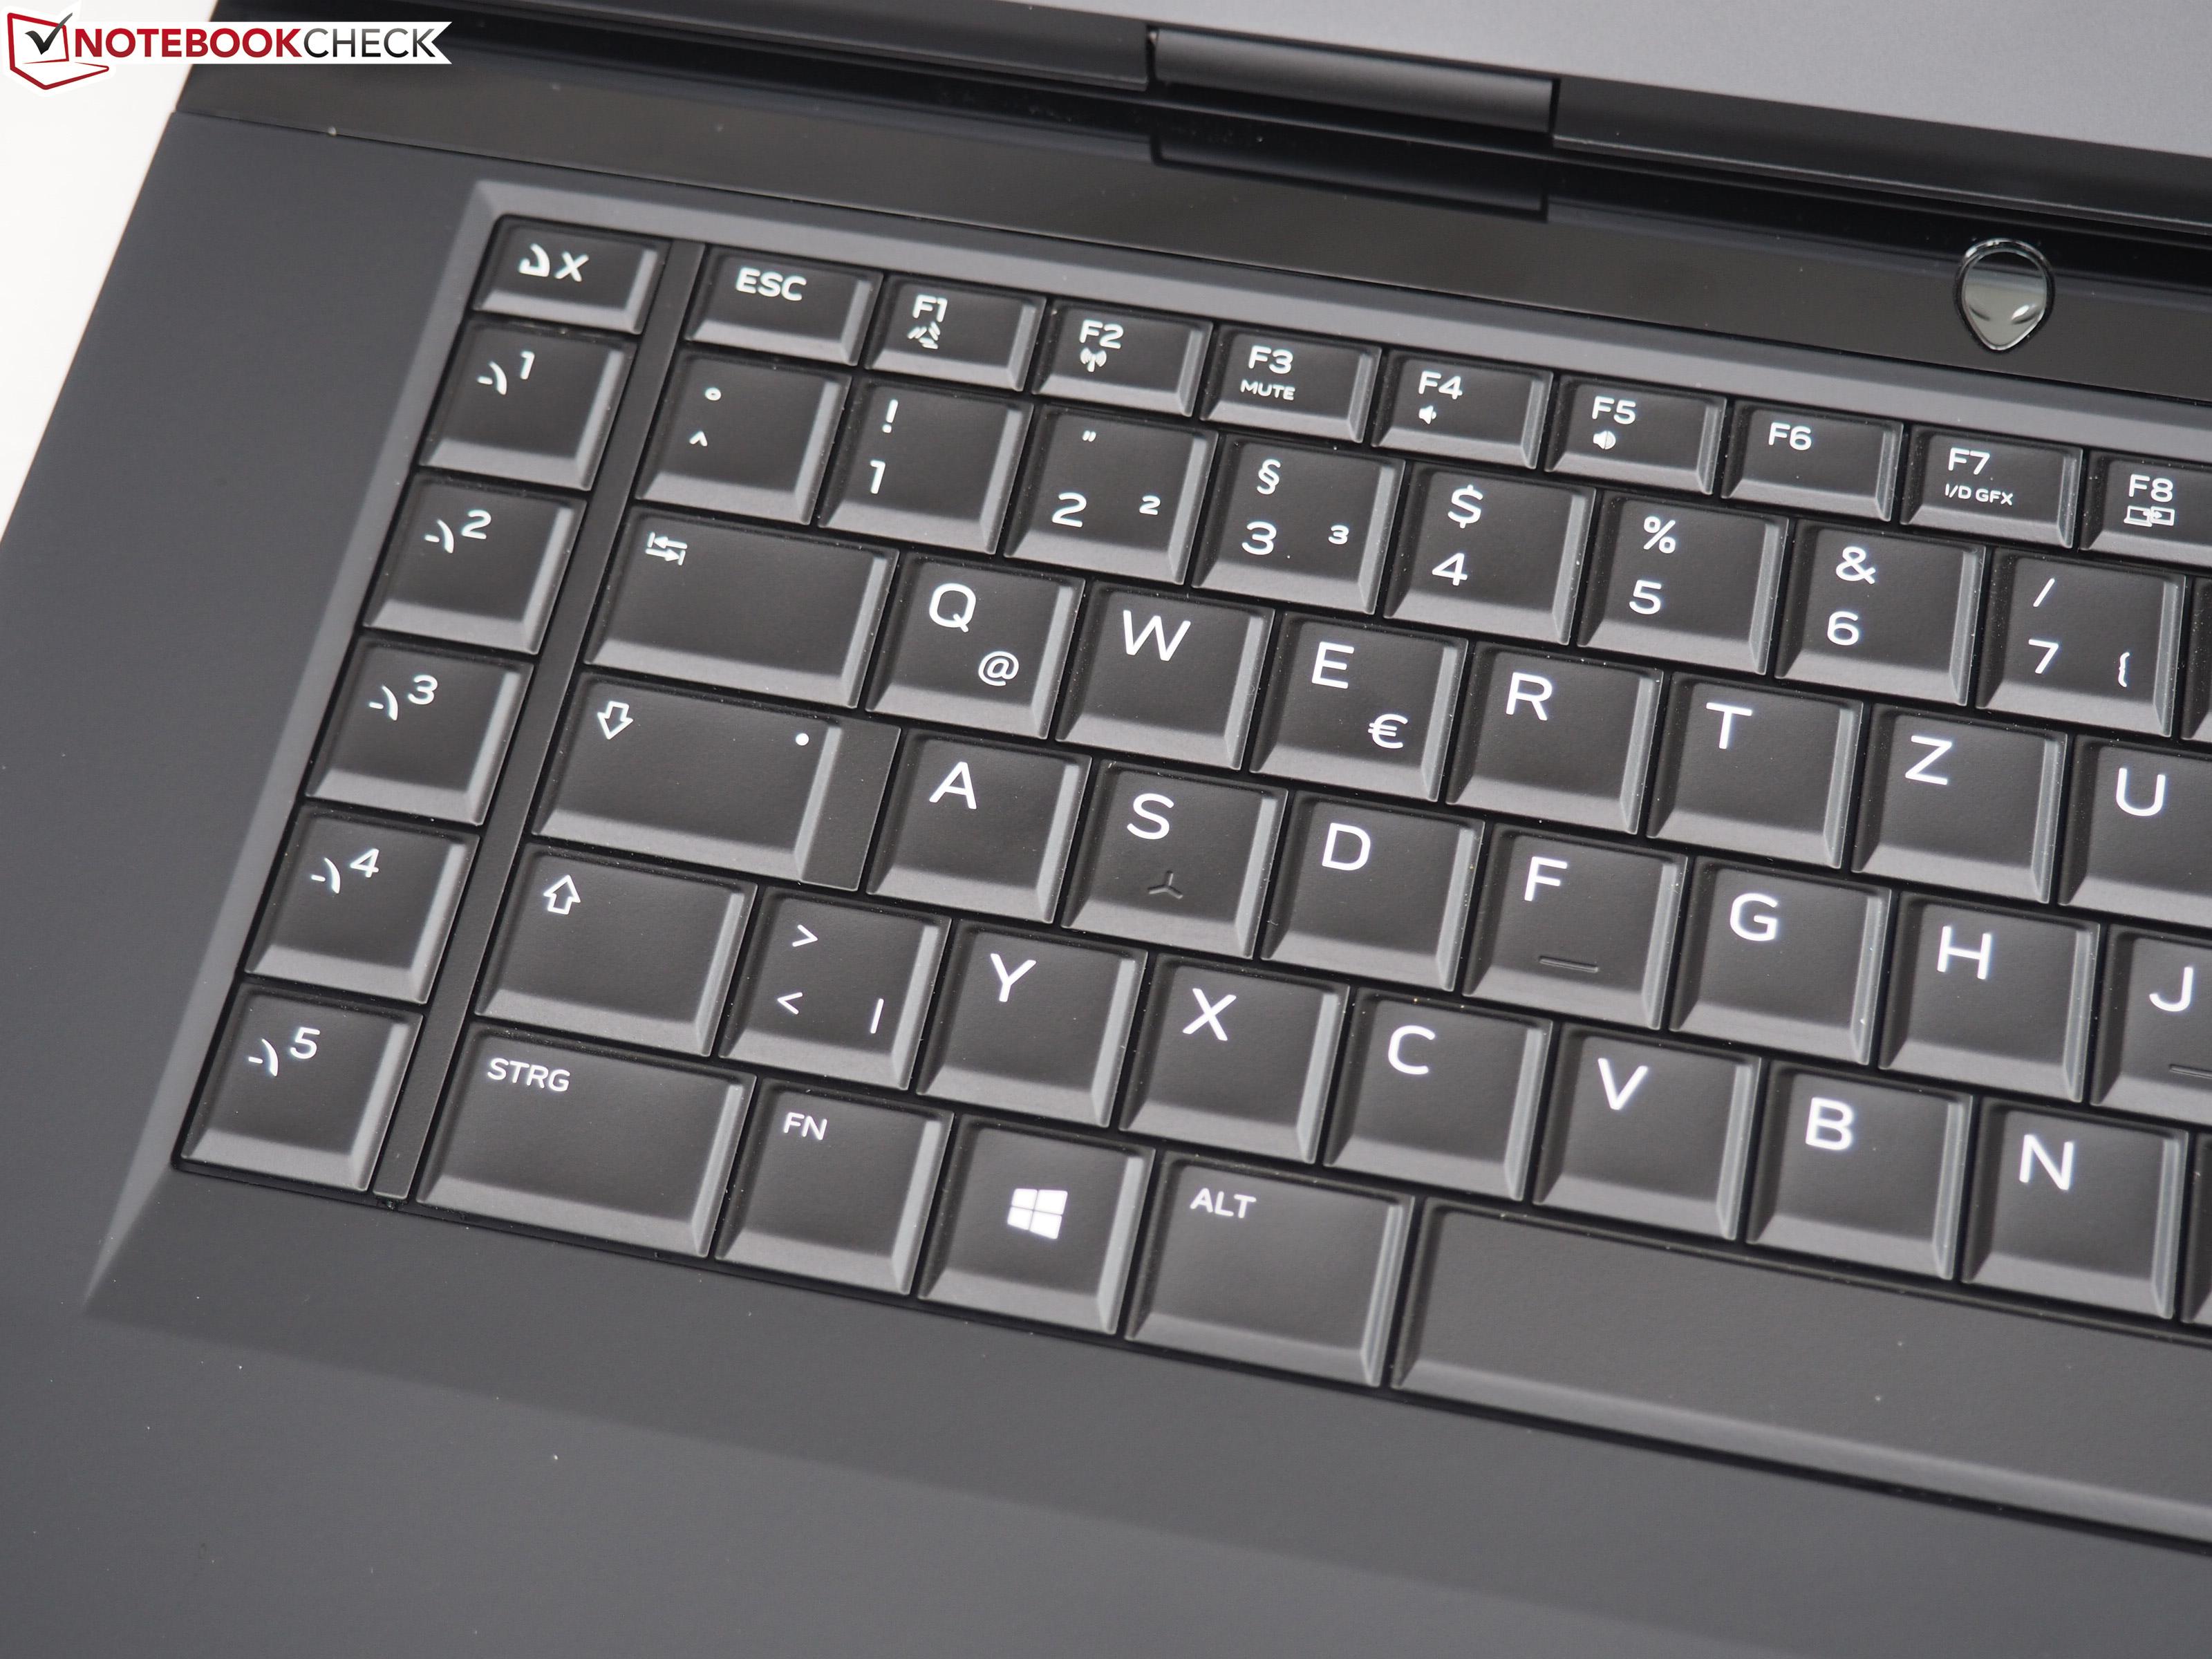 Alienware 15 R4 (i9-8950HK, GTX 1070, FHD) Laptop Review